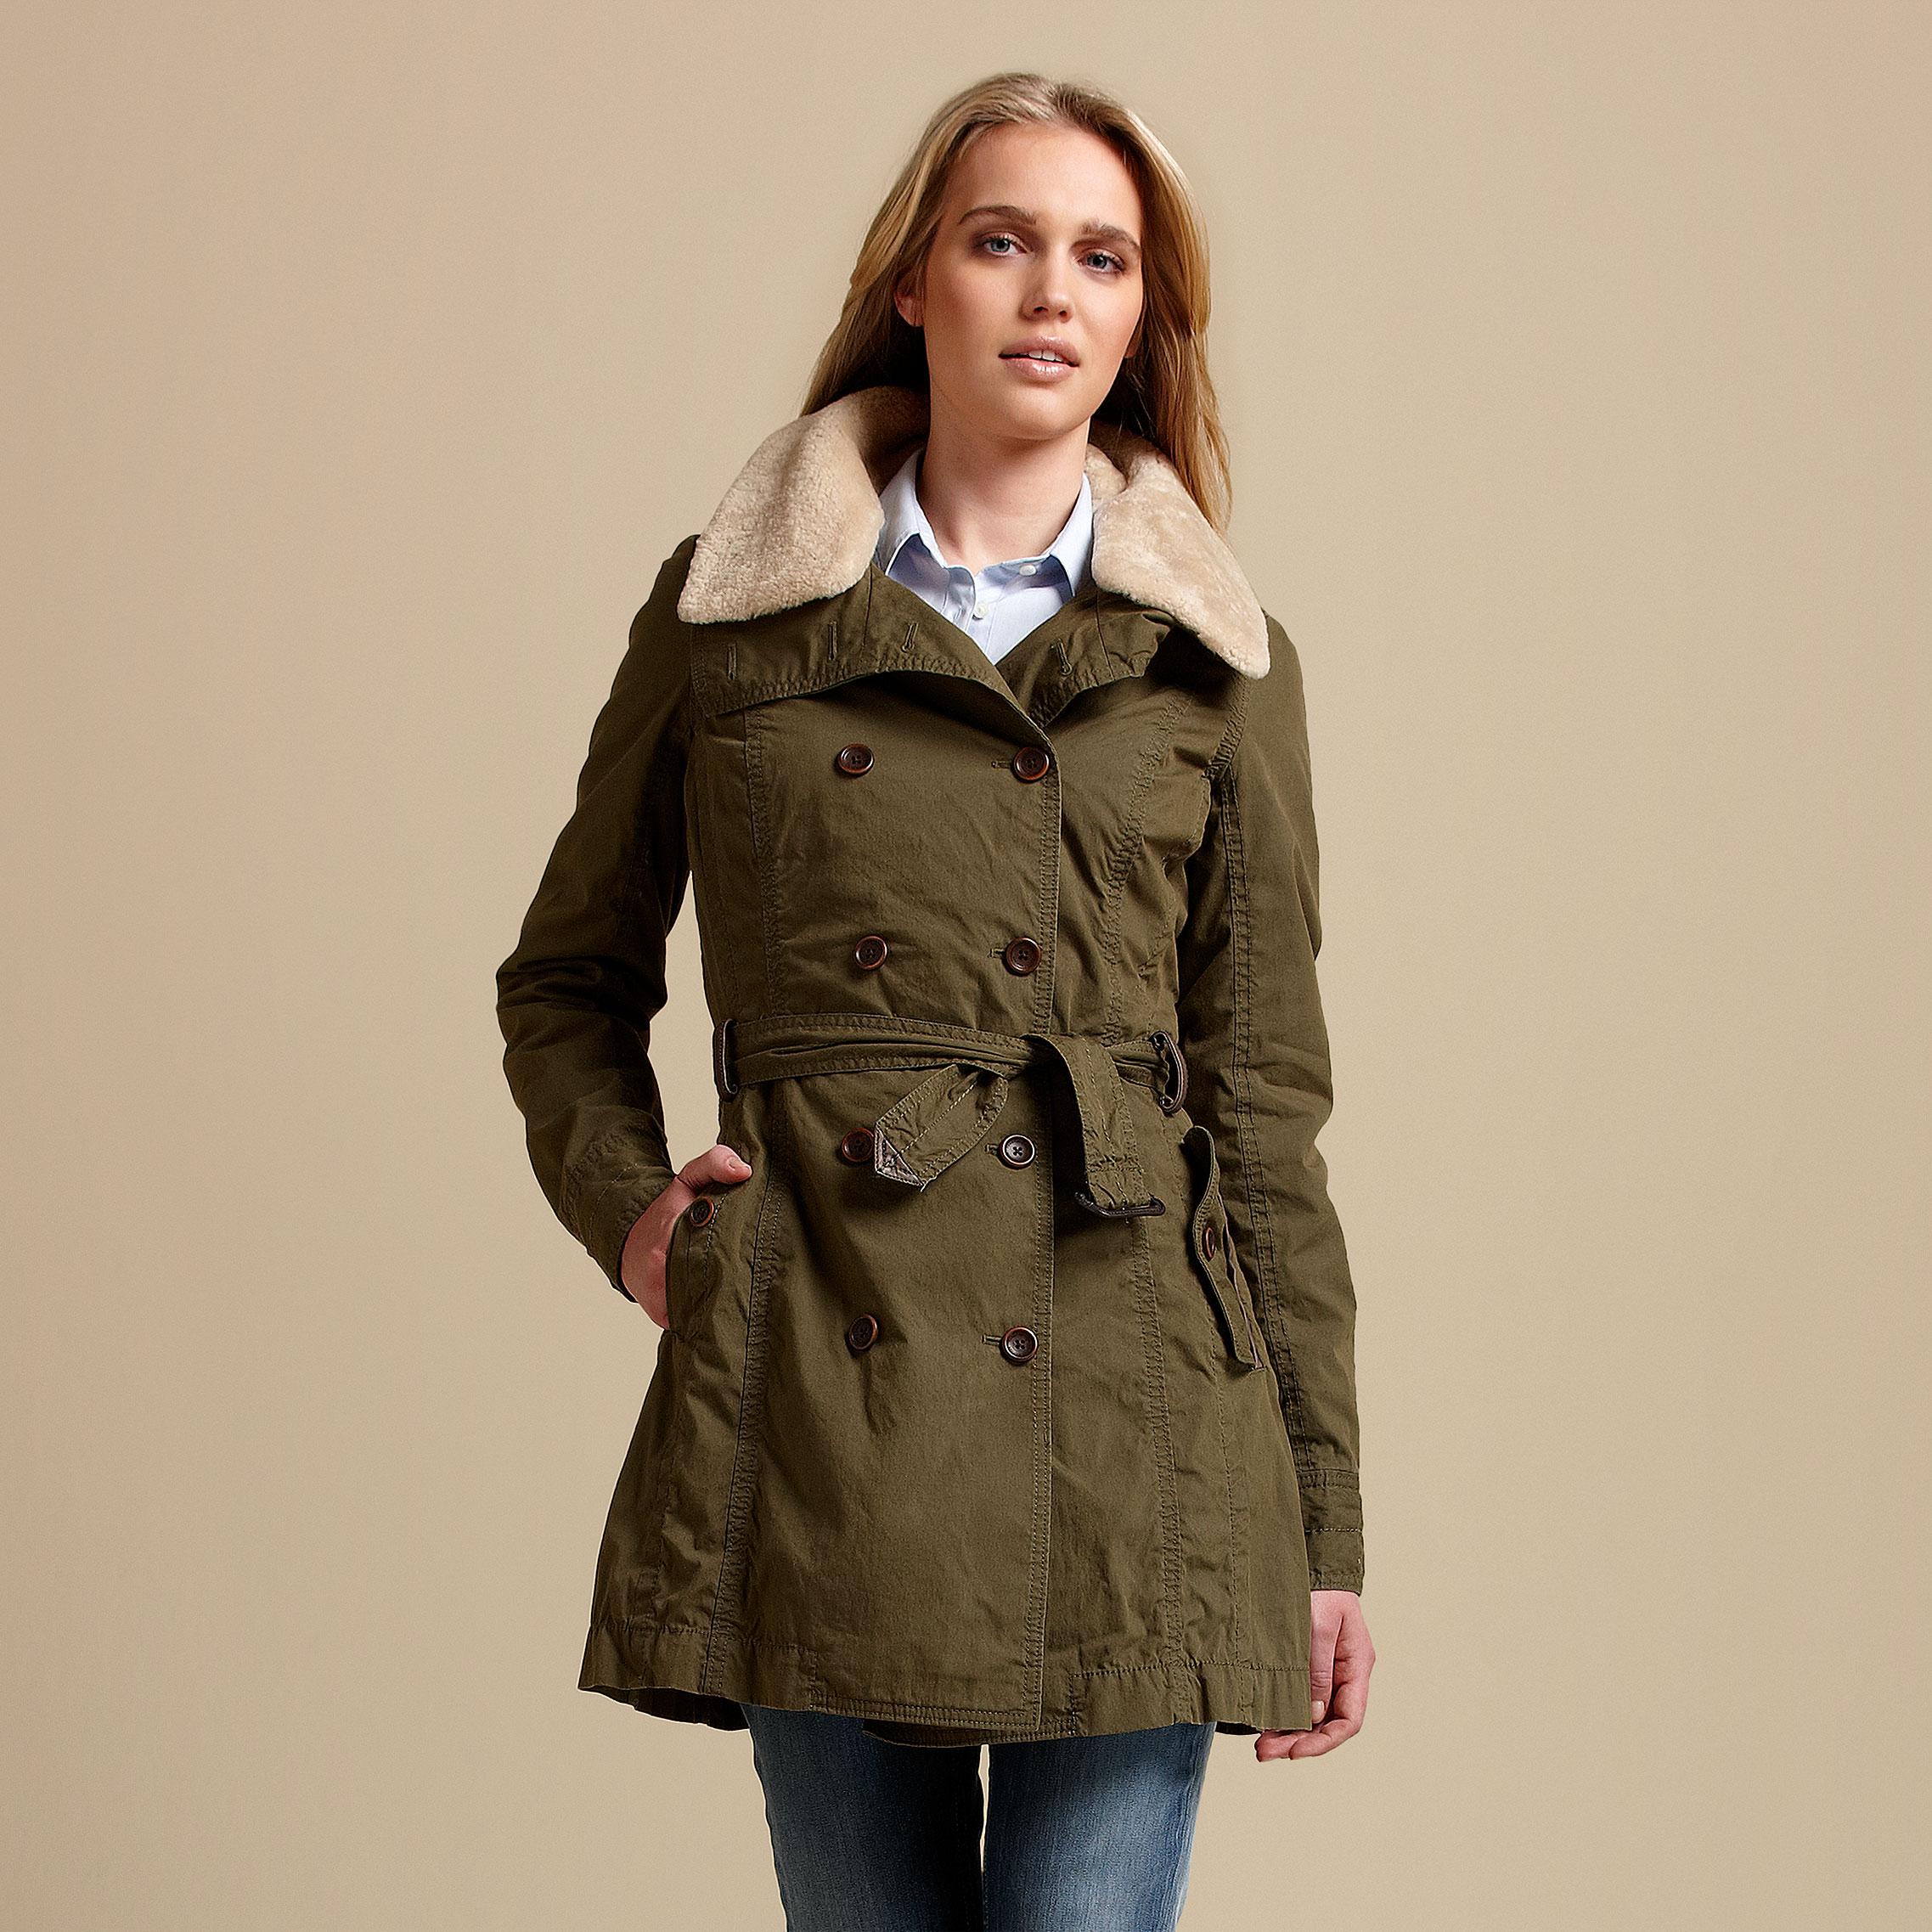 vous aimez ce manteau fringues forum ados beaute mode. Black Bedroom Furniture Sets. Home Design Ideas